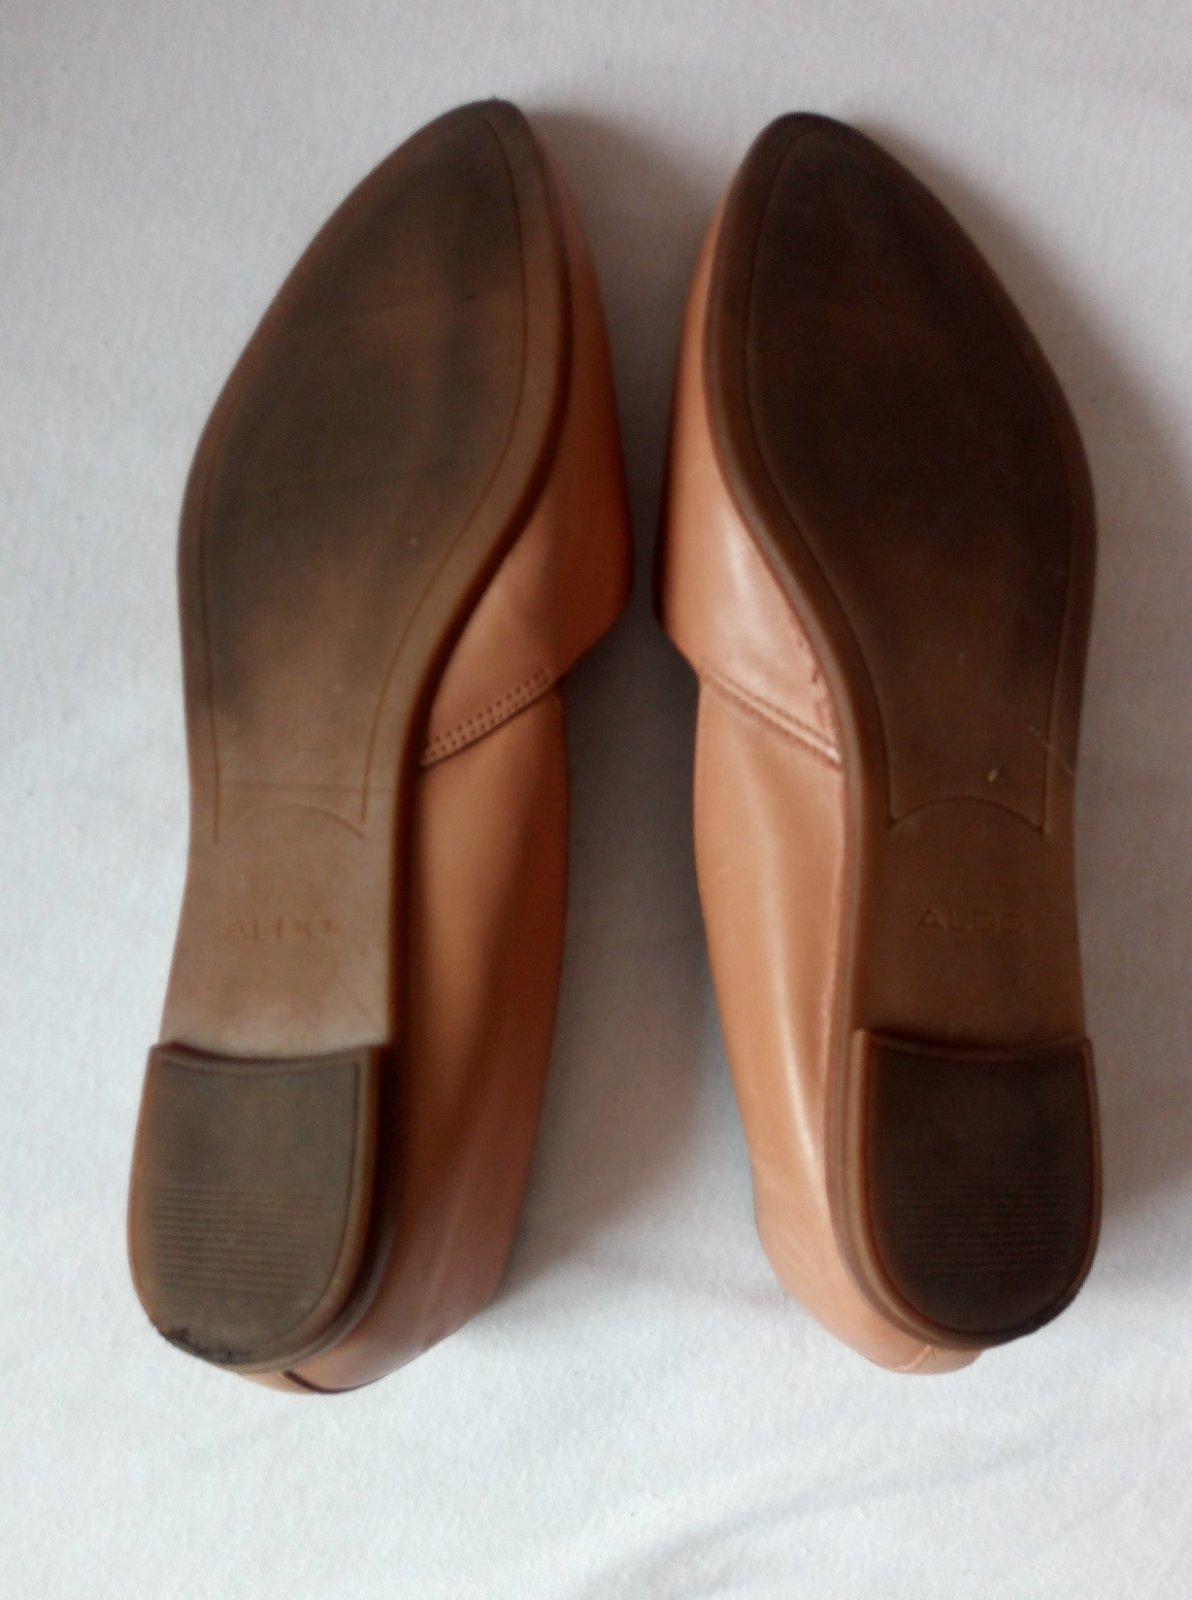 Bledohnedé kožené minimalistické baleríny - Obrázok č. 3